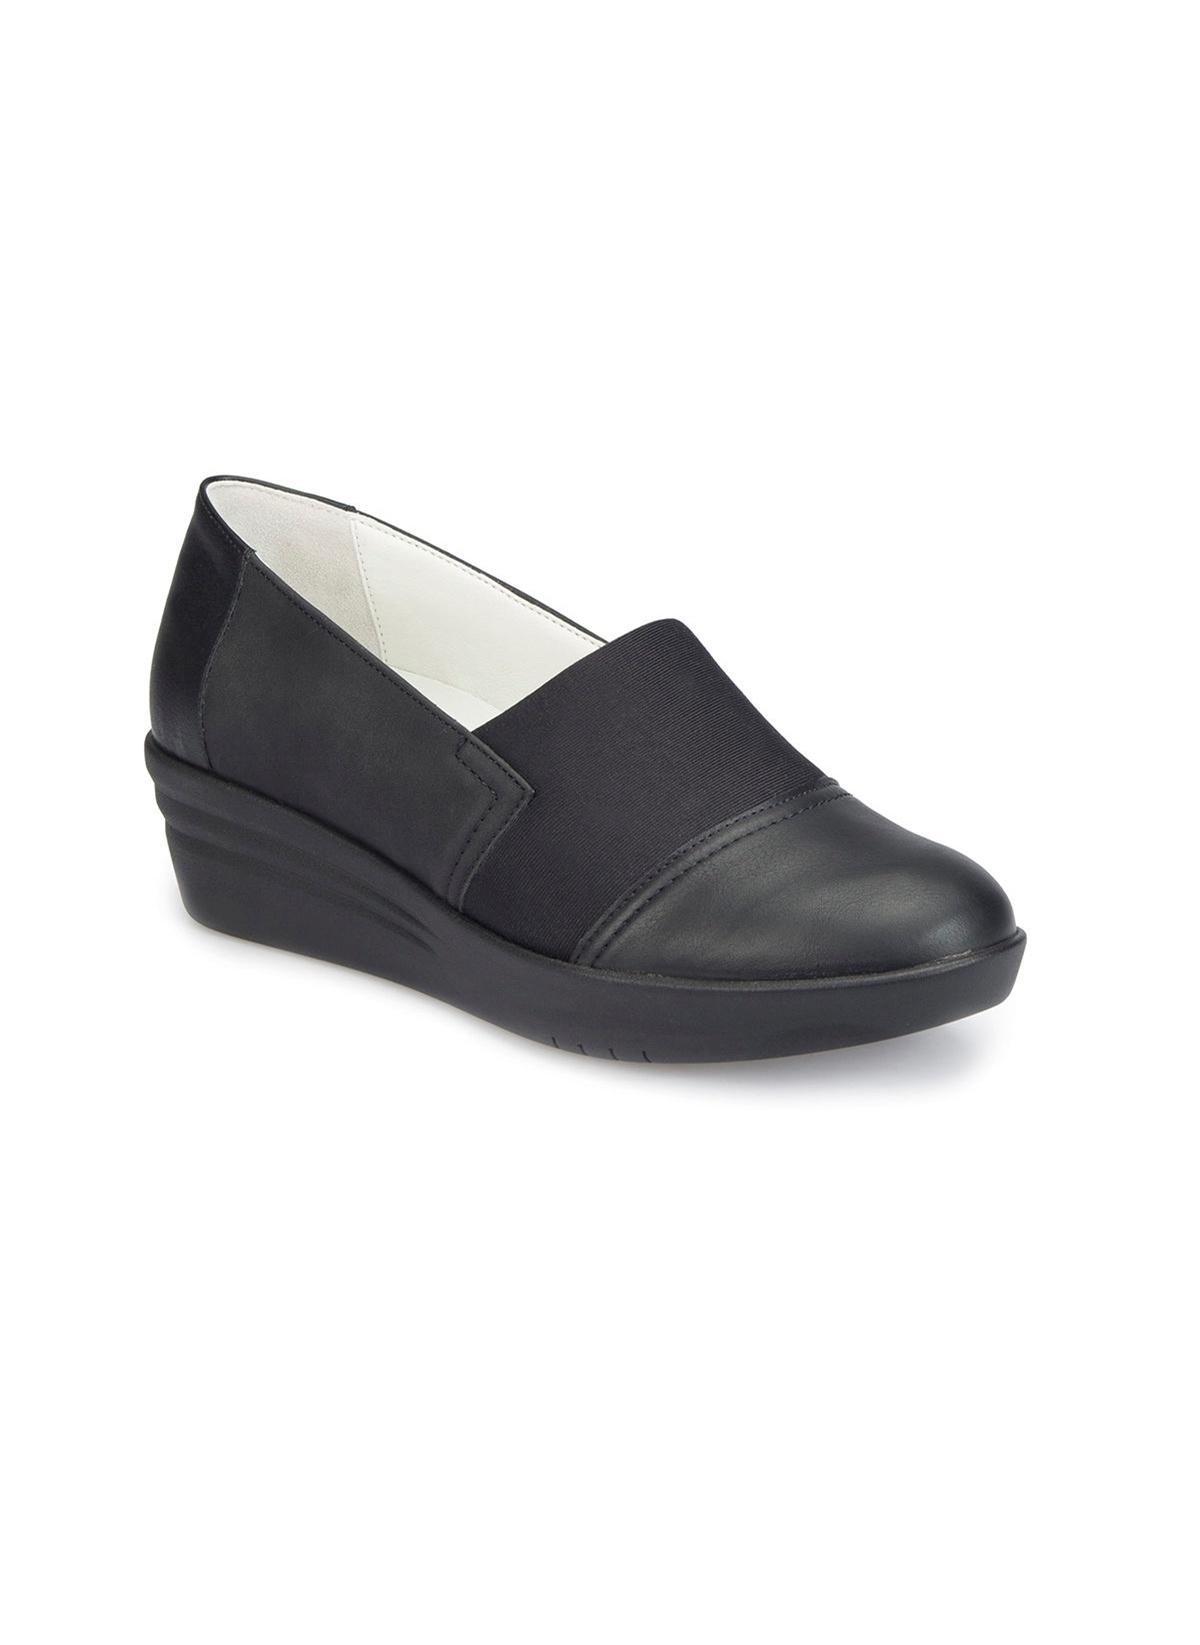 Polaris Ayakkabı 81.111304.z Basic Comfort – 53.0 TL